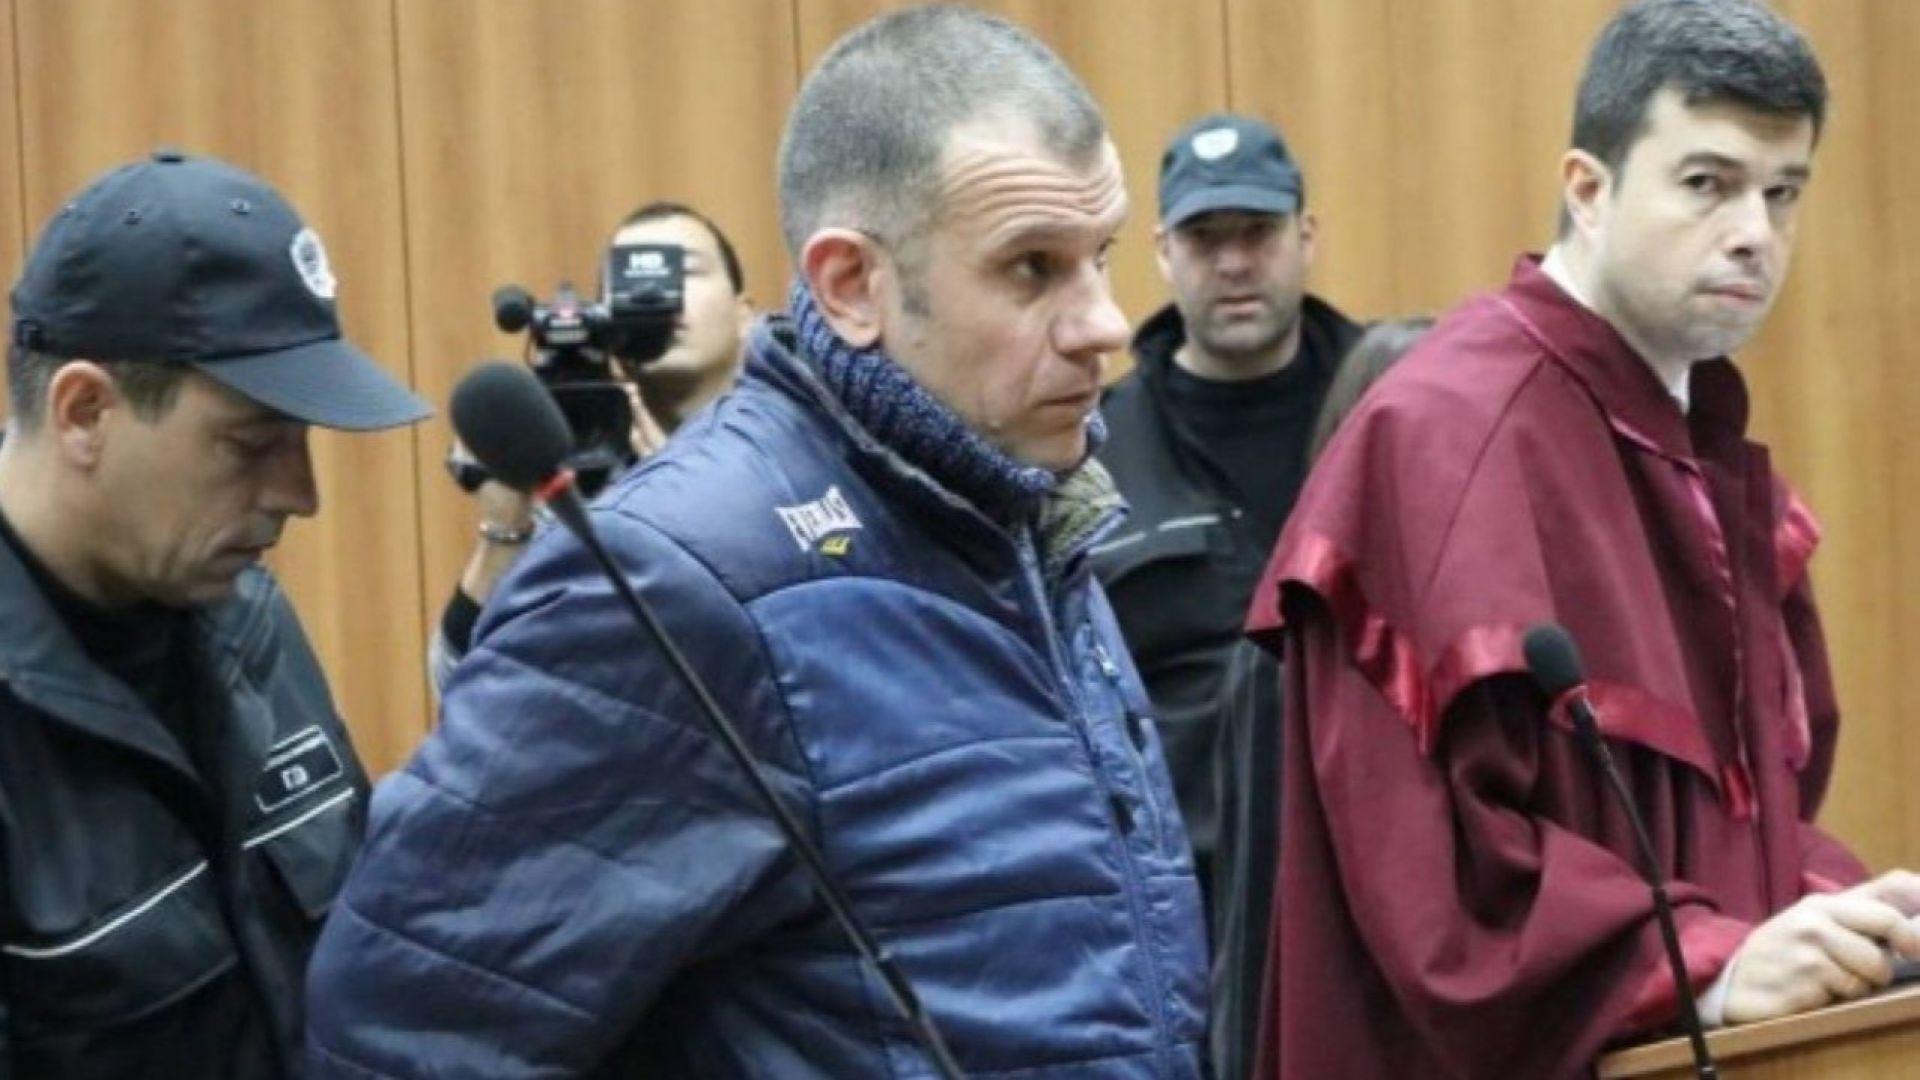 Рейнджърът Светослав се извини на цялата армия, че е убил колежка. Получи 16 г. затвор